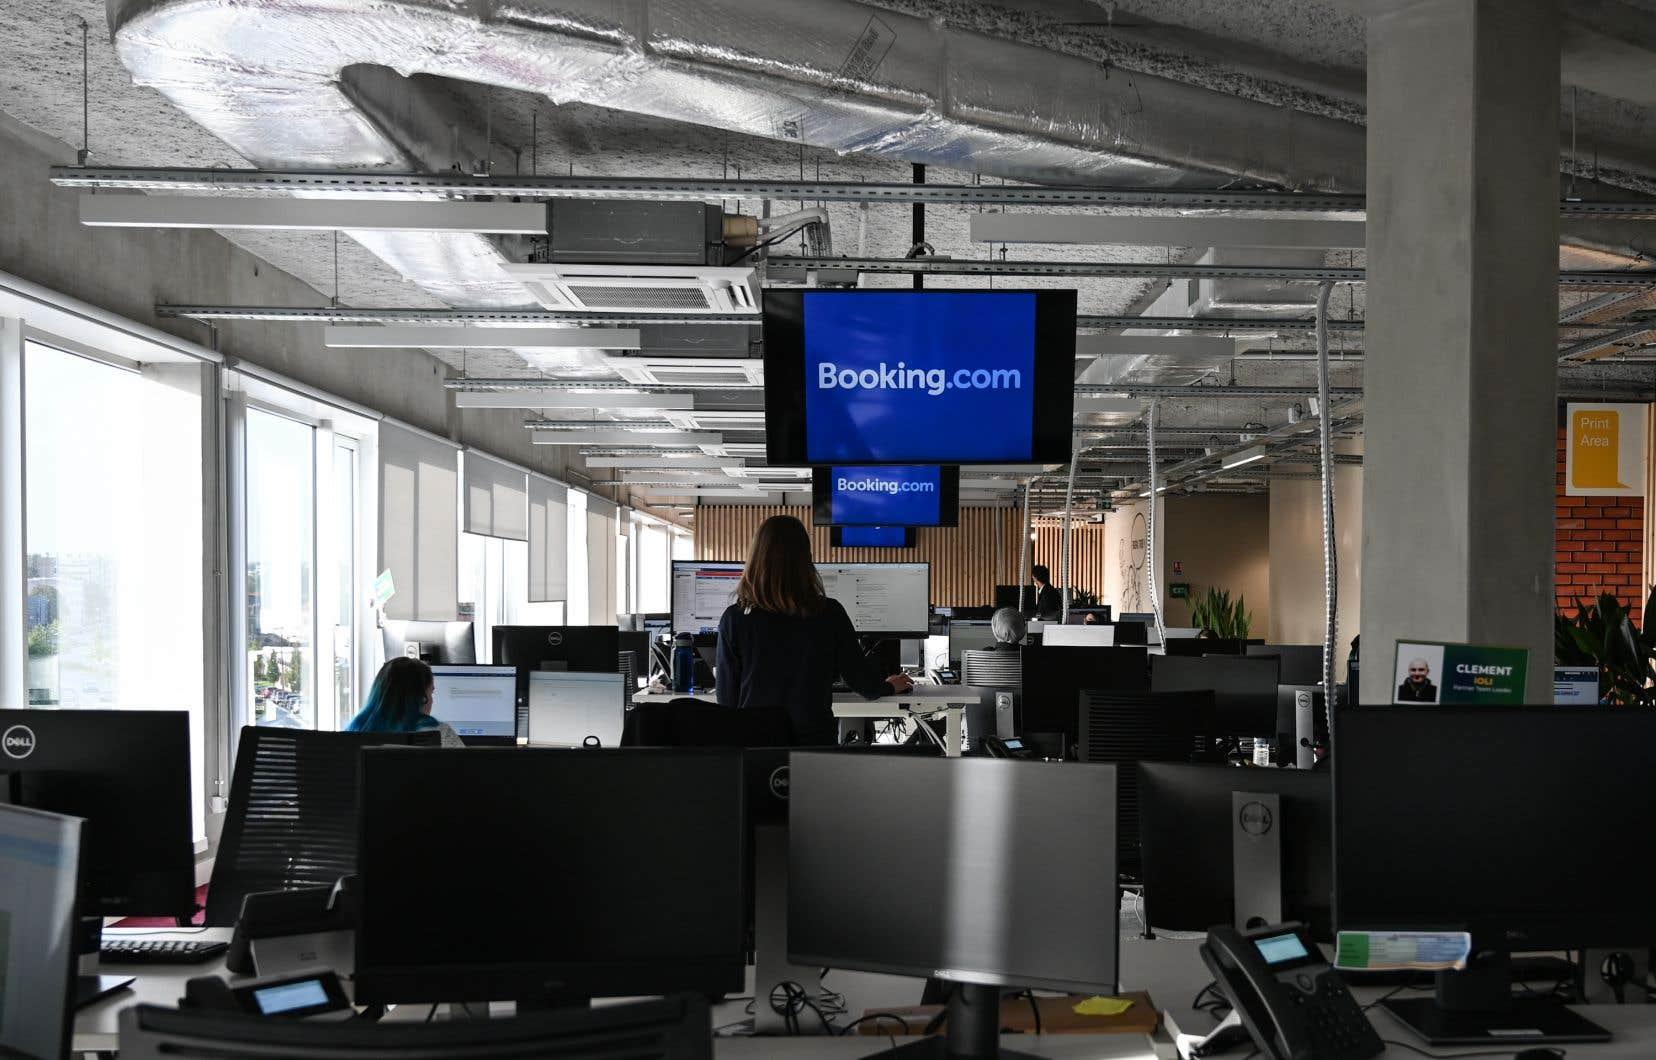 La compagnie basée à Amsterdam, qui emploie quelque 17 500 personnes à travers le monde, n'a pas donné le nombre exact de postes concernés.